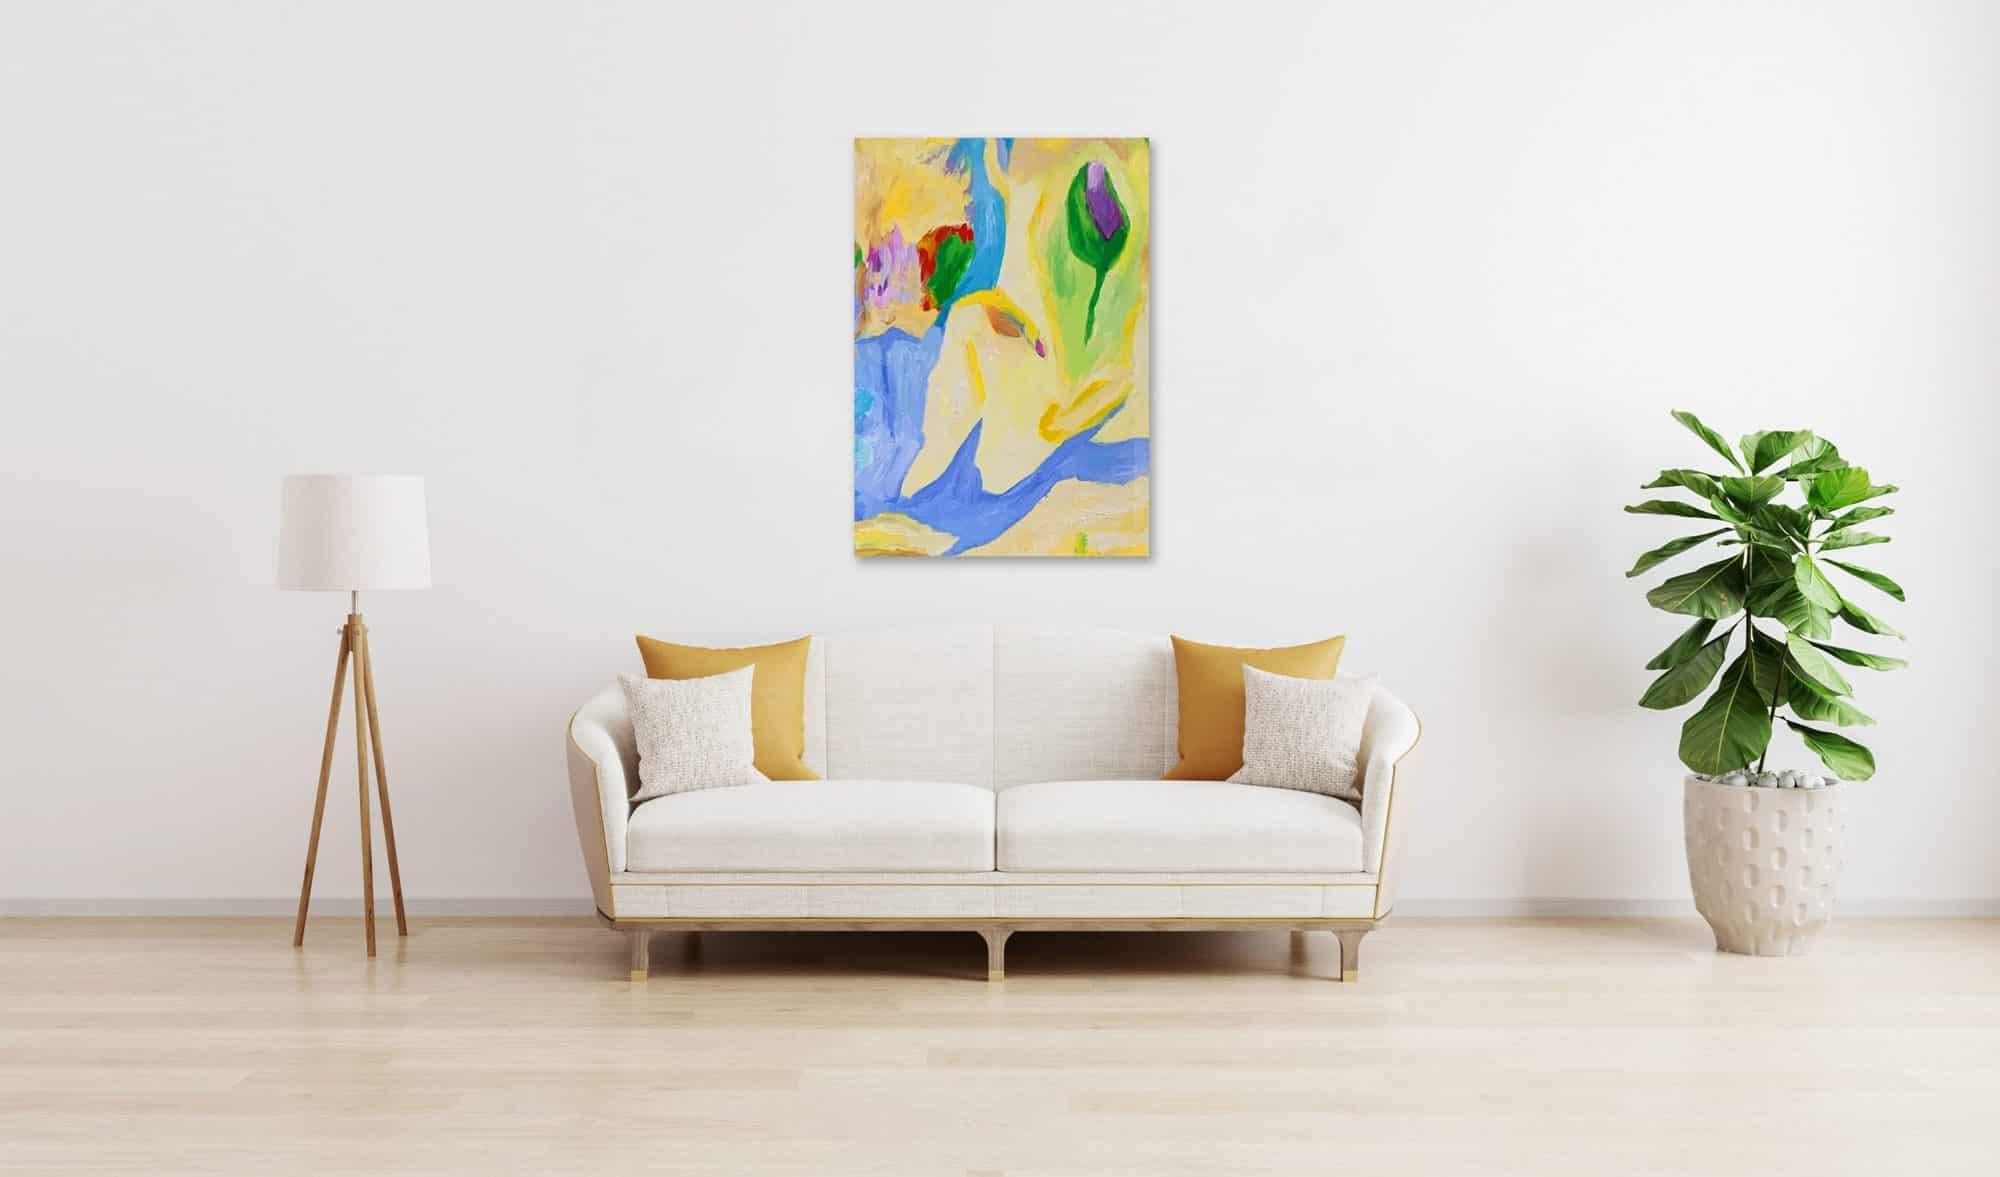 Ölgemälde auf Leinwand wandbild fließende Absraktion mit Blume